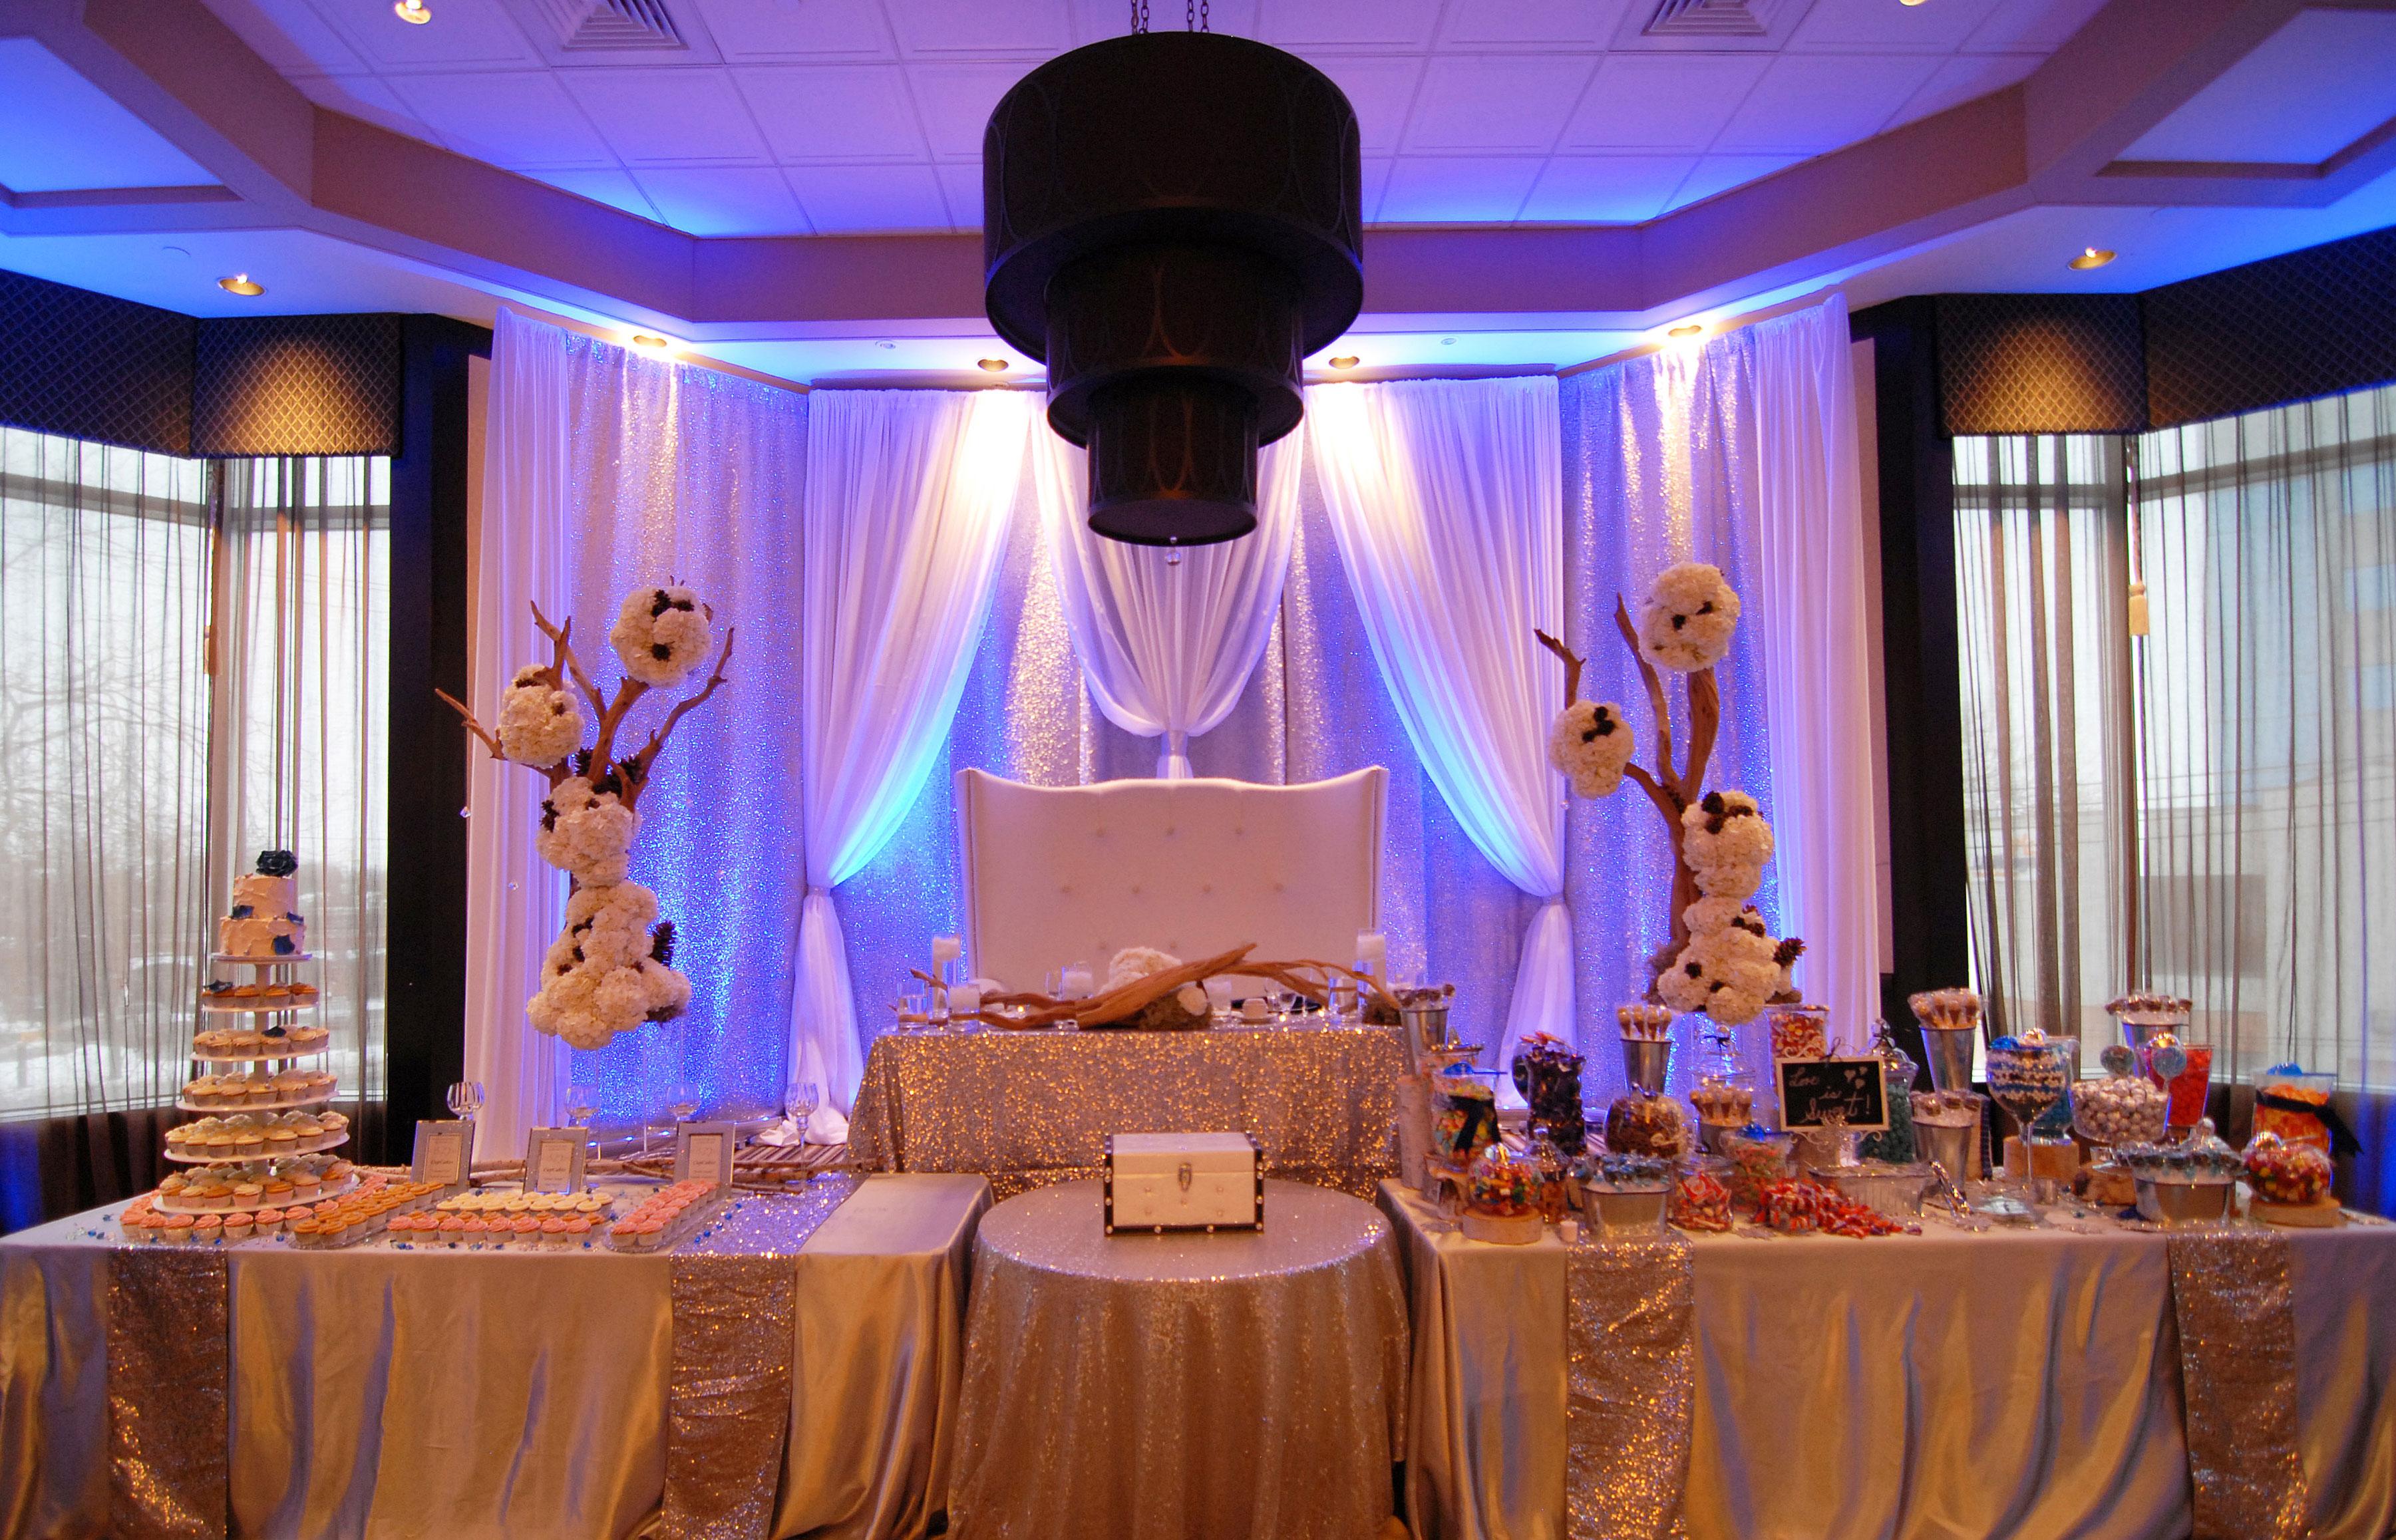 Banquette Natalia